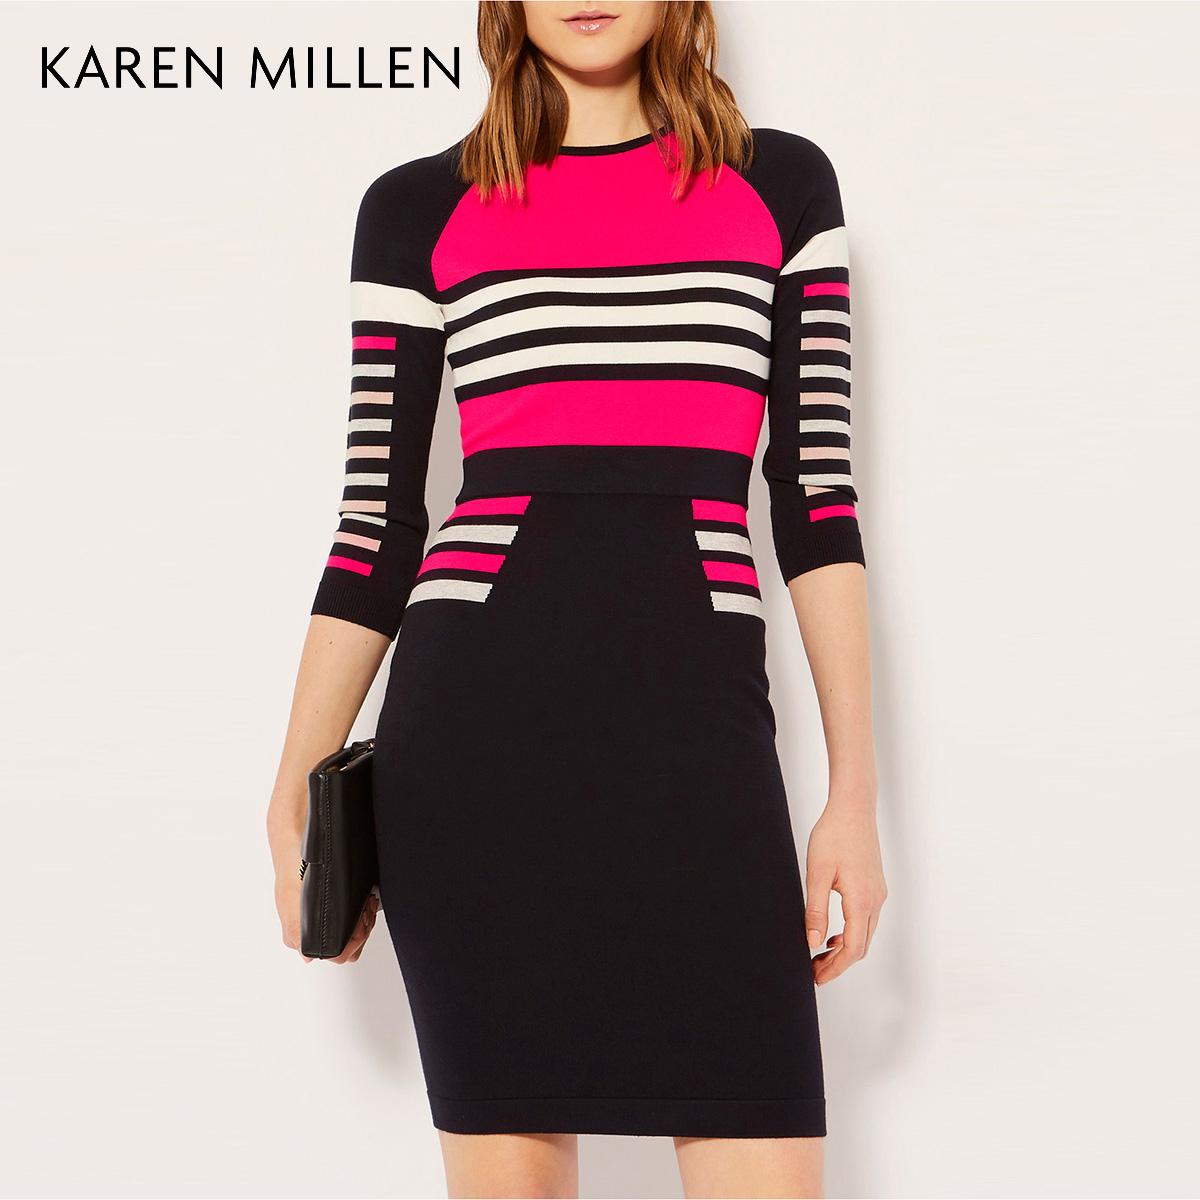 KAREN MILLEN凯伦米莲英伦女装2018春条纹针织连衣裙KM51821703